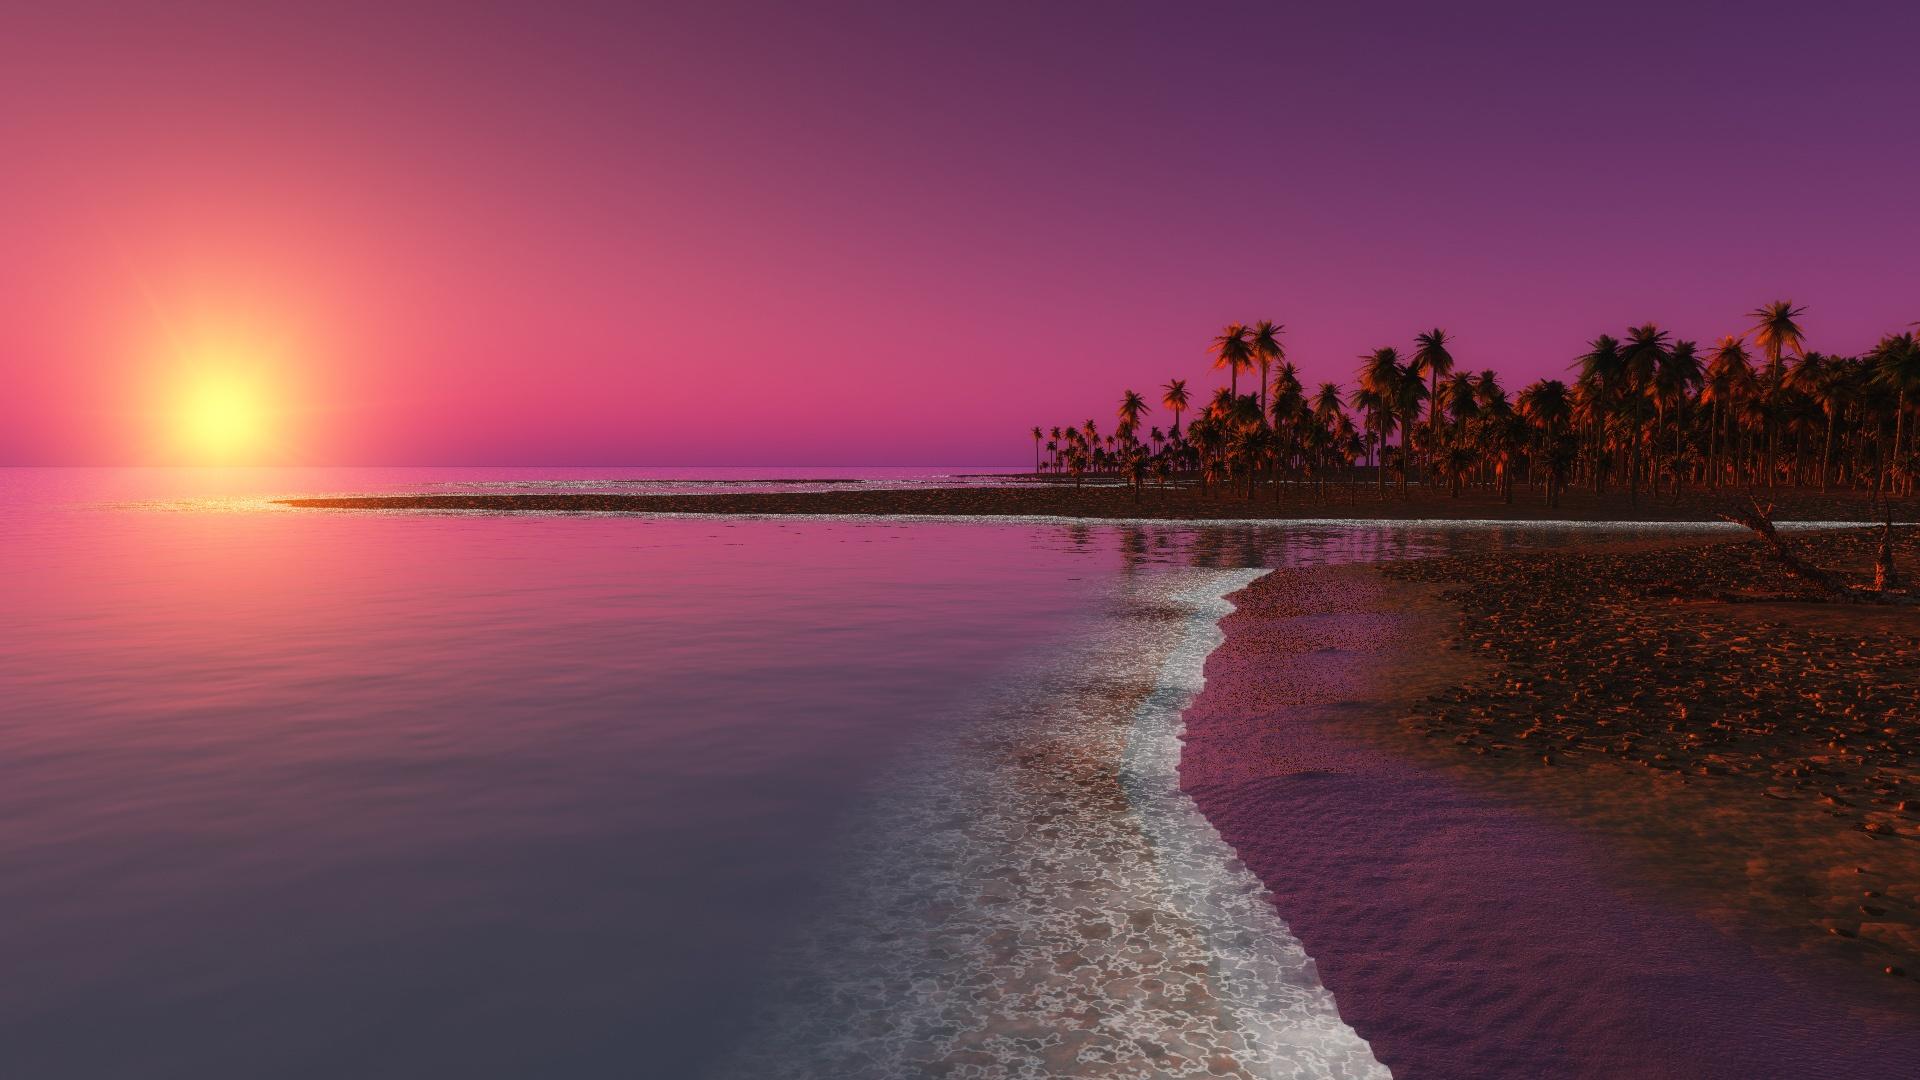 Hot Pink Sunset Wallpaper Hot pink sunse 1920x1080